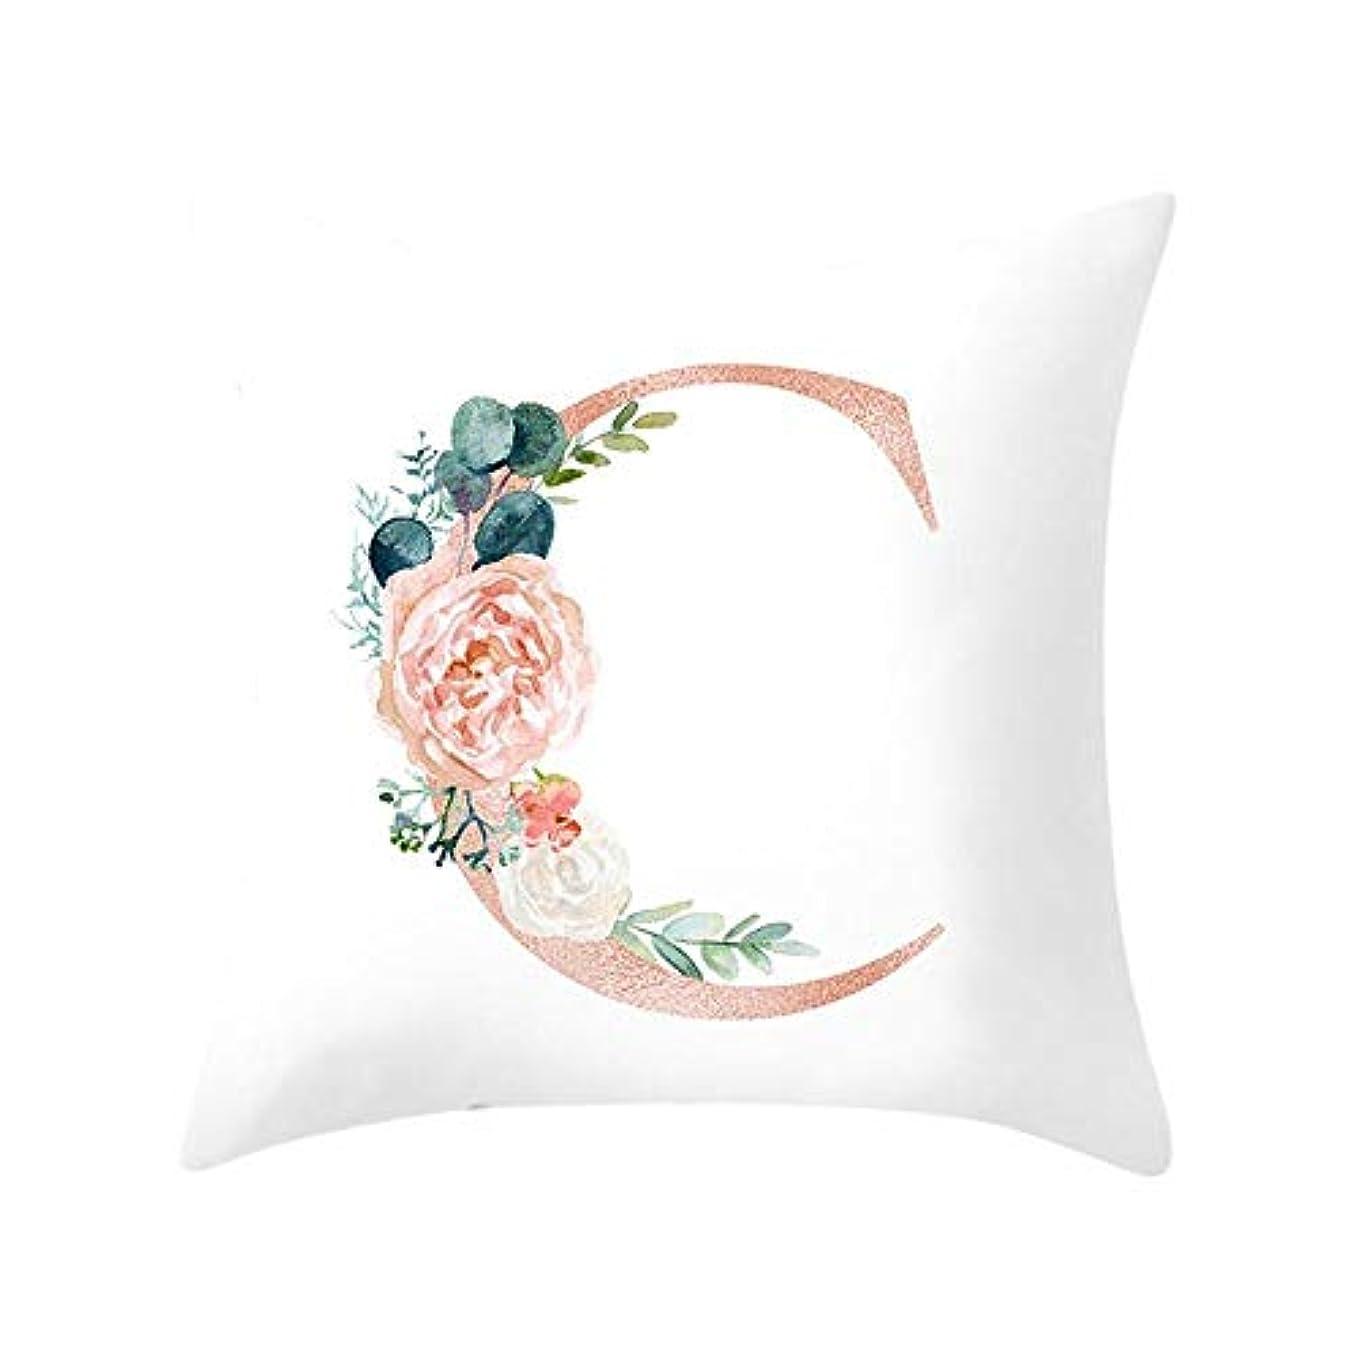 わずかにお嬢洪水LIFE 装飾クッションソファ手紙枕アルファベットクッション印刷ソファ家の装飾の花枕 coussin decoratif クッション 椅子